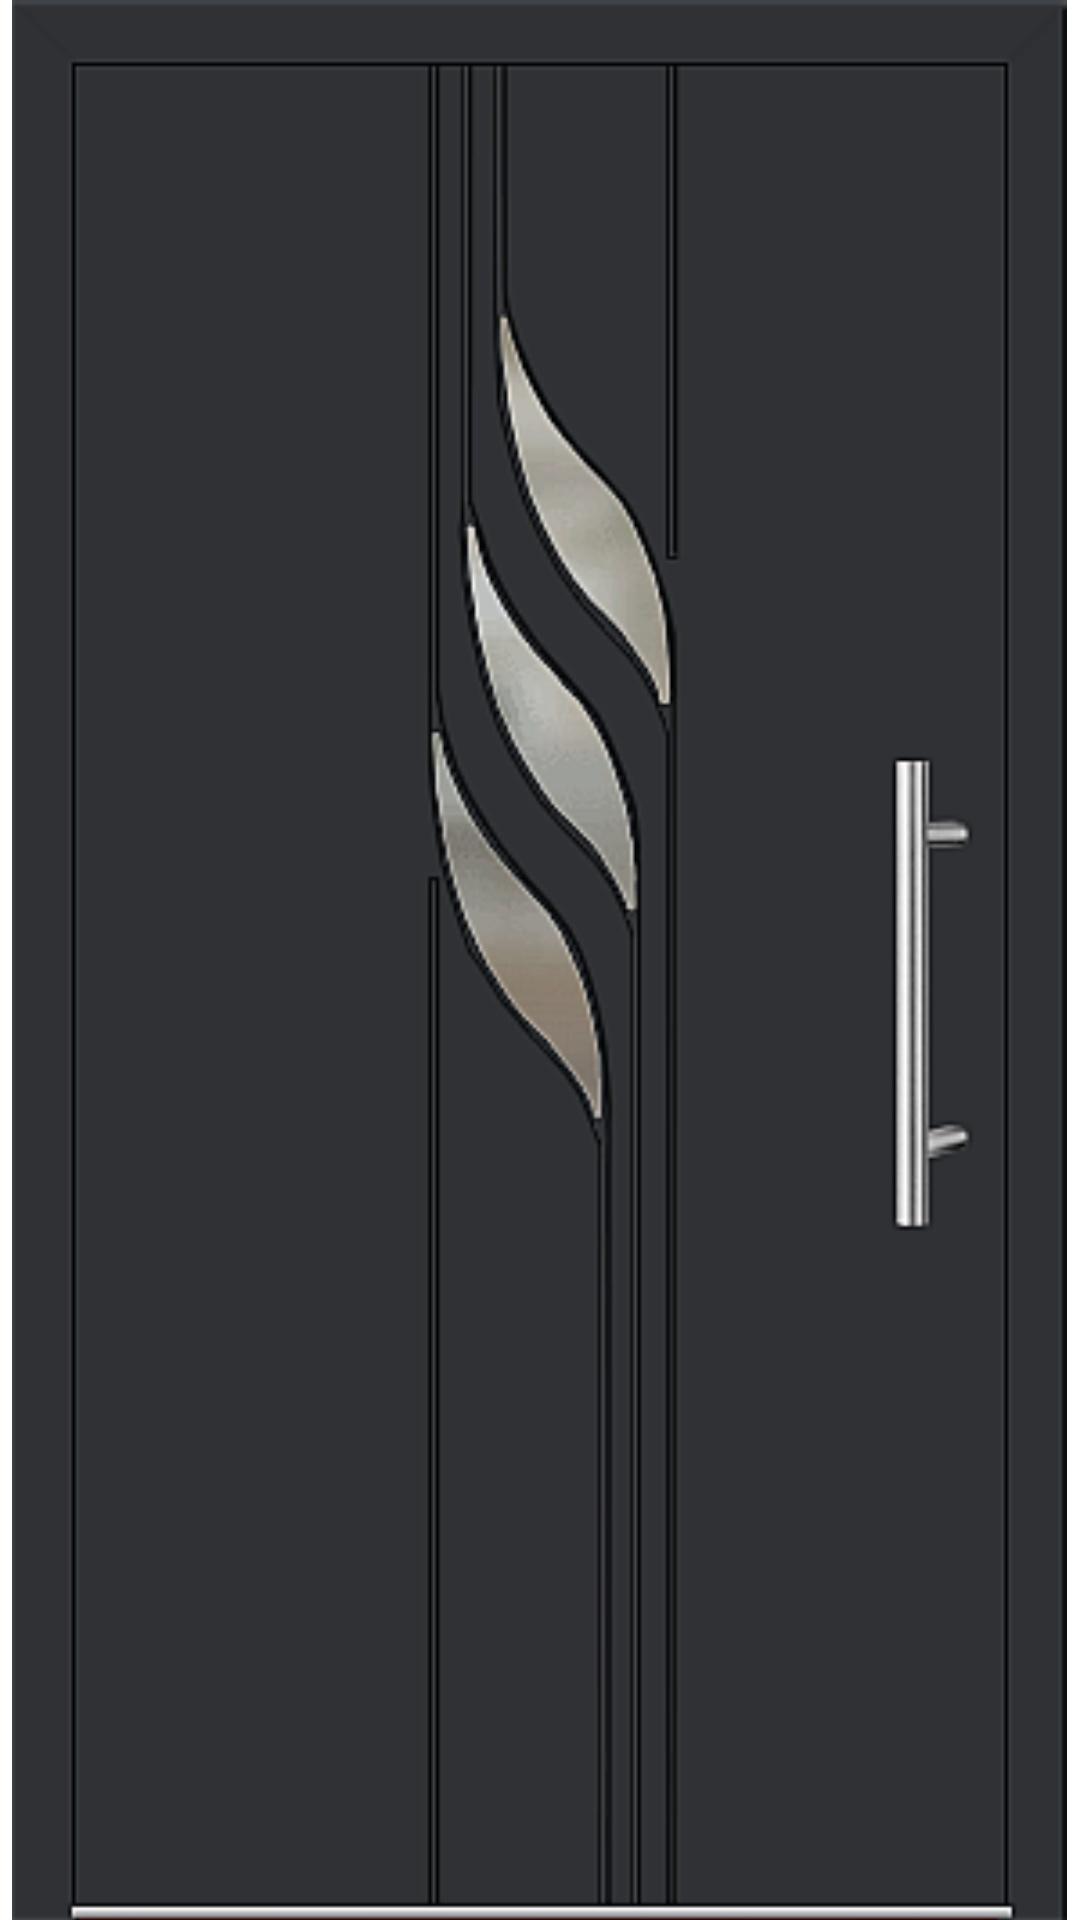 Kunststoff Haustür Modell 6934-40 schwarz